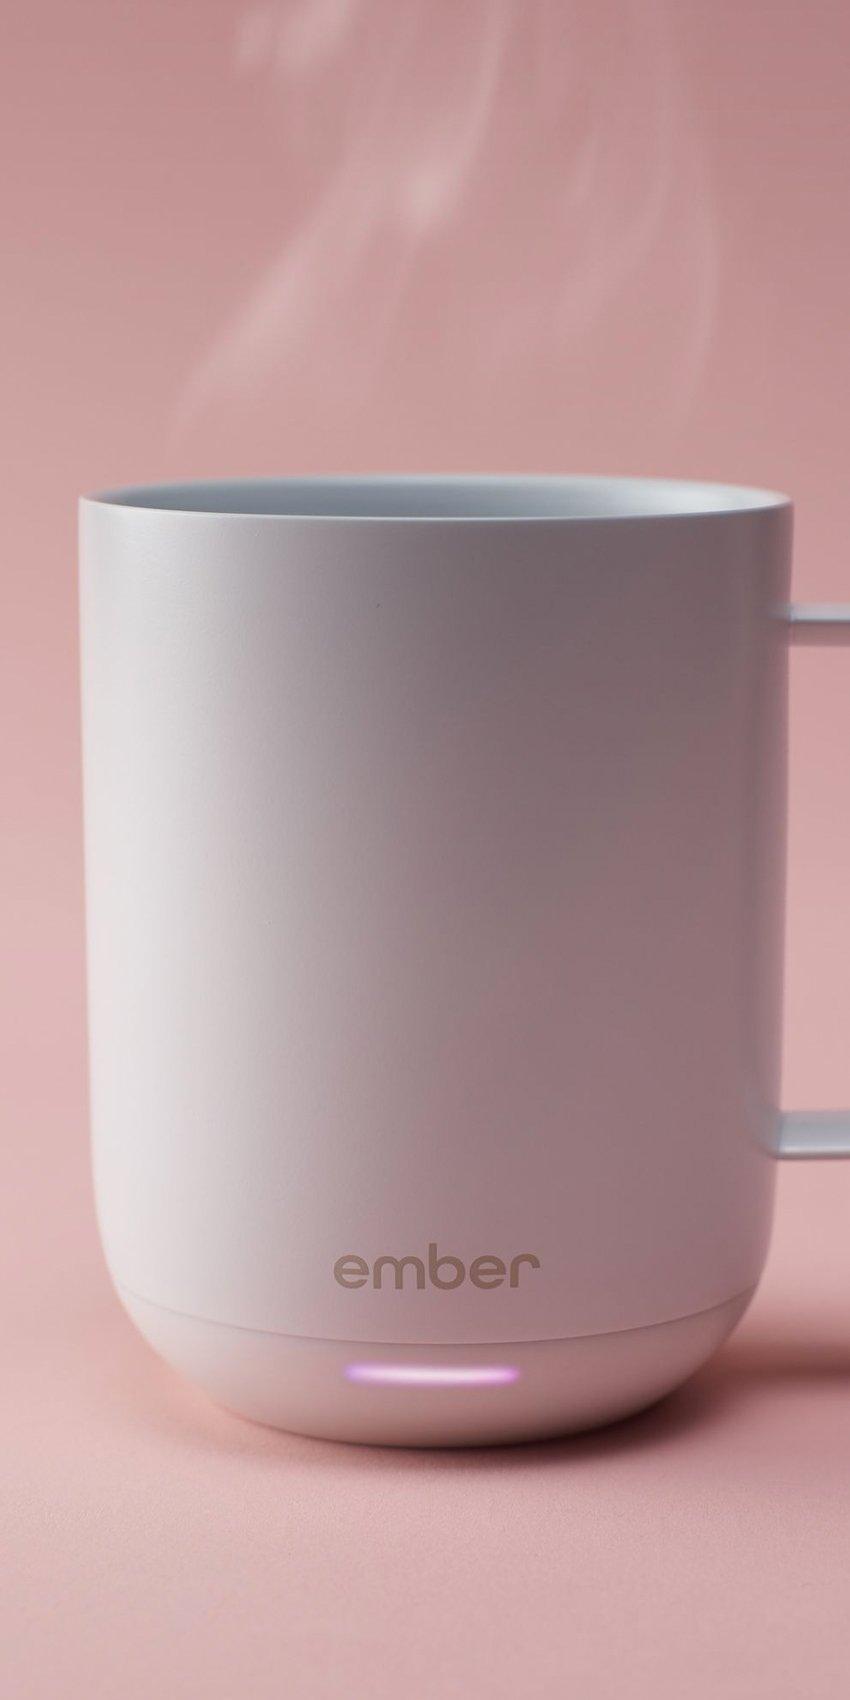 steaming ember mug on pink background